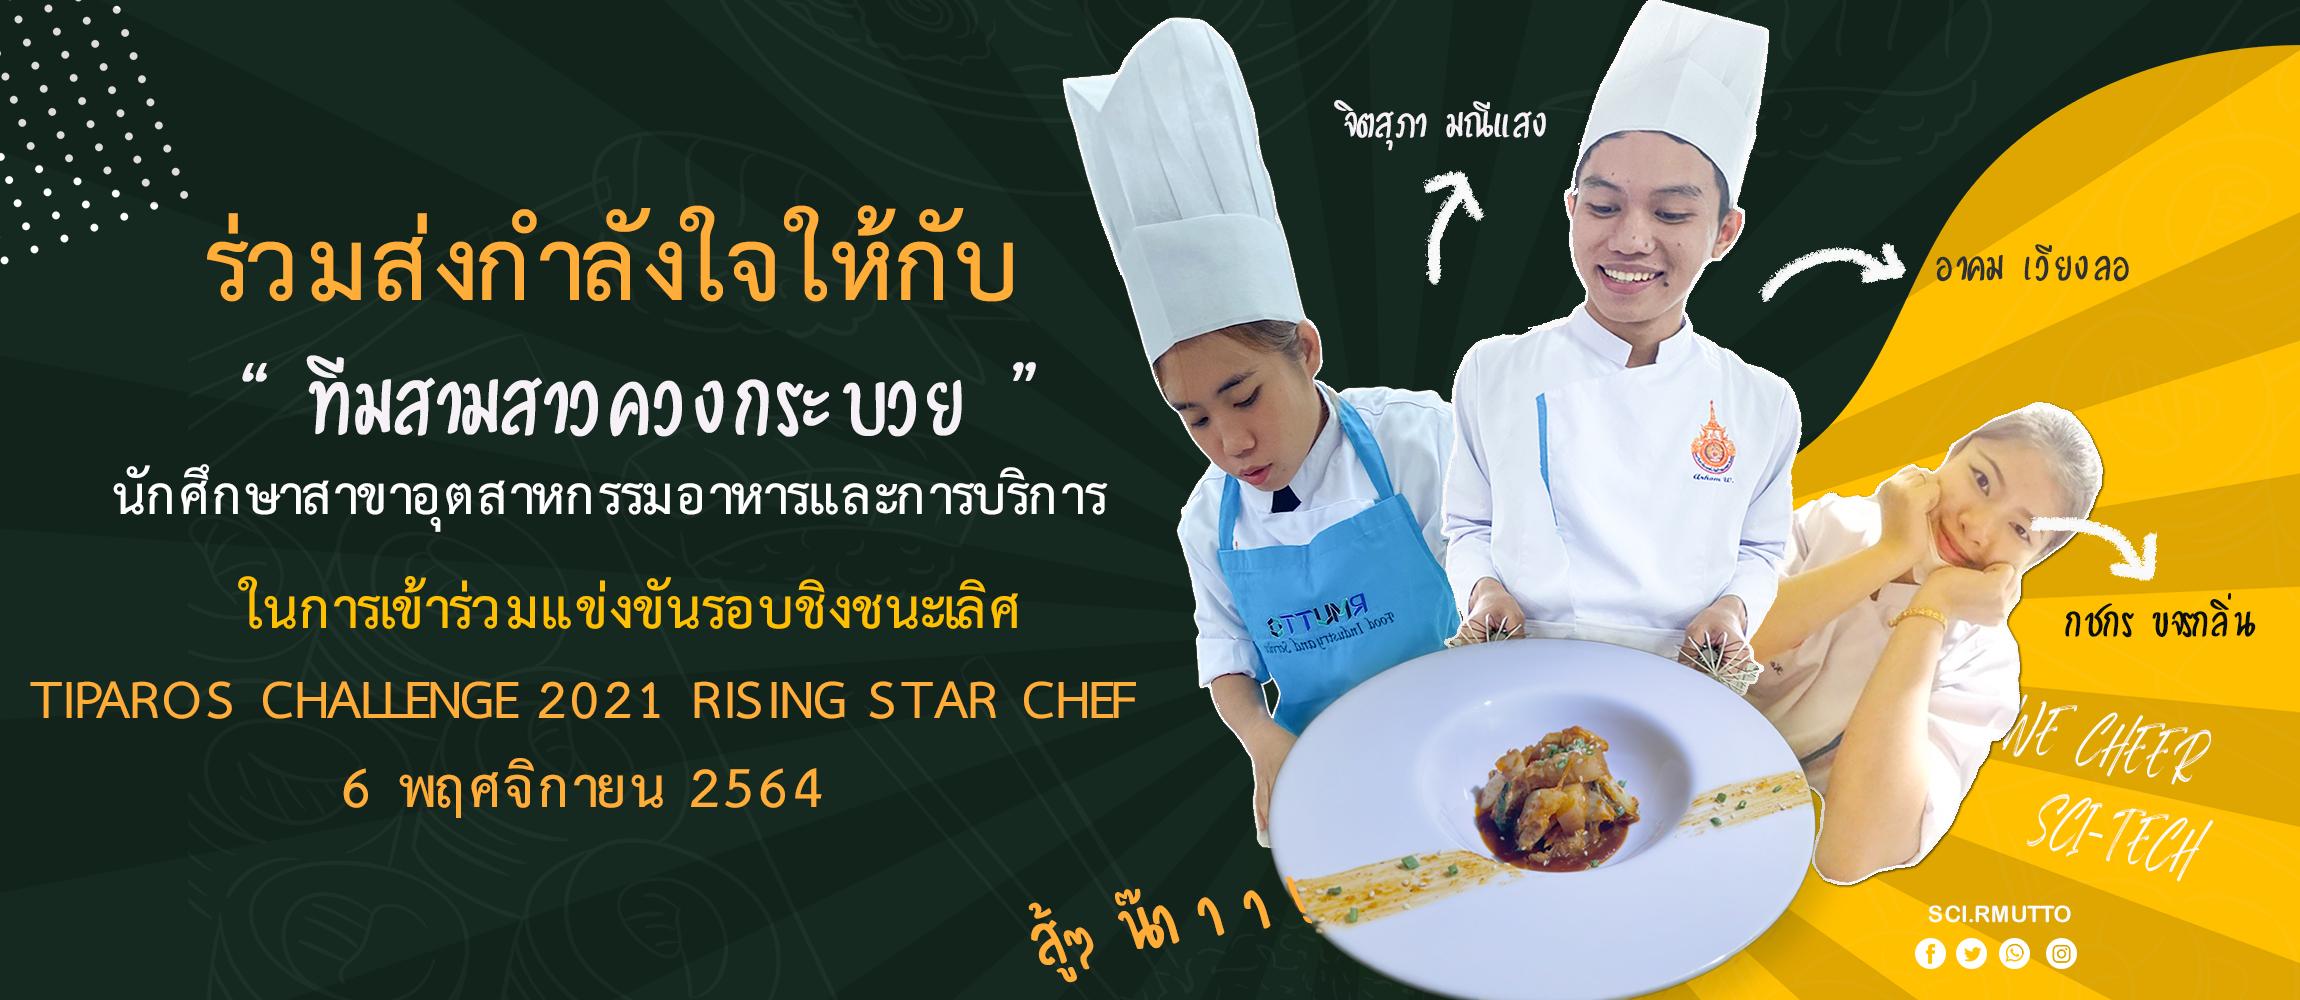 การแข่งขันทำอาหารของอุตสาหกรรมอาหารและการบริการ